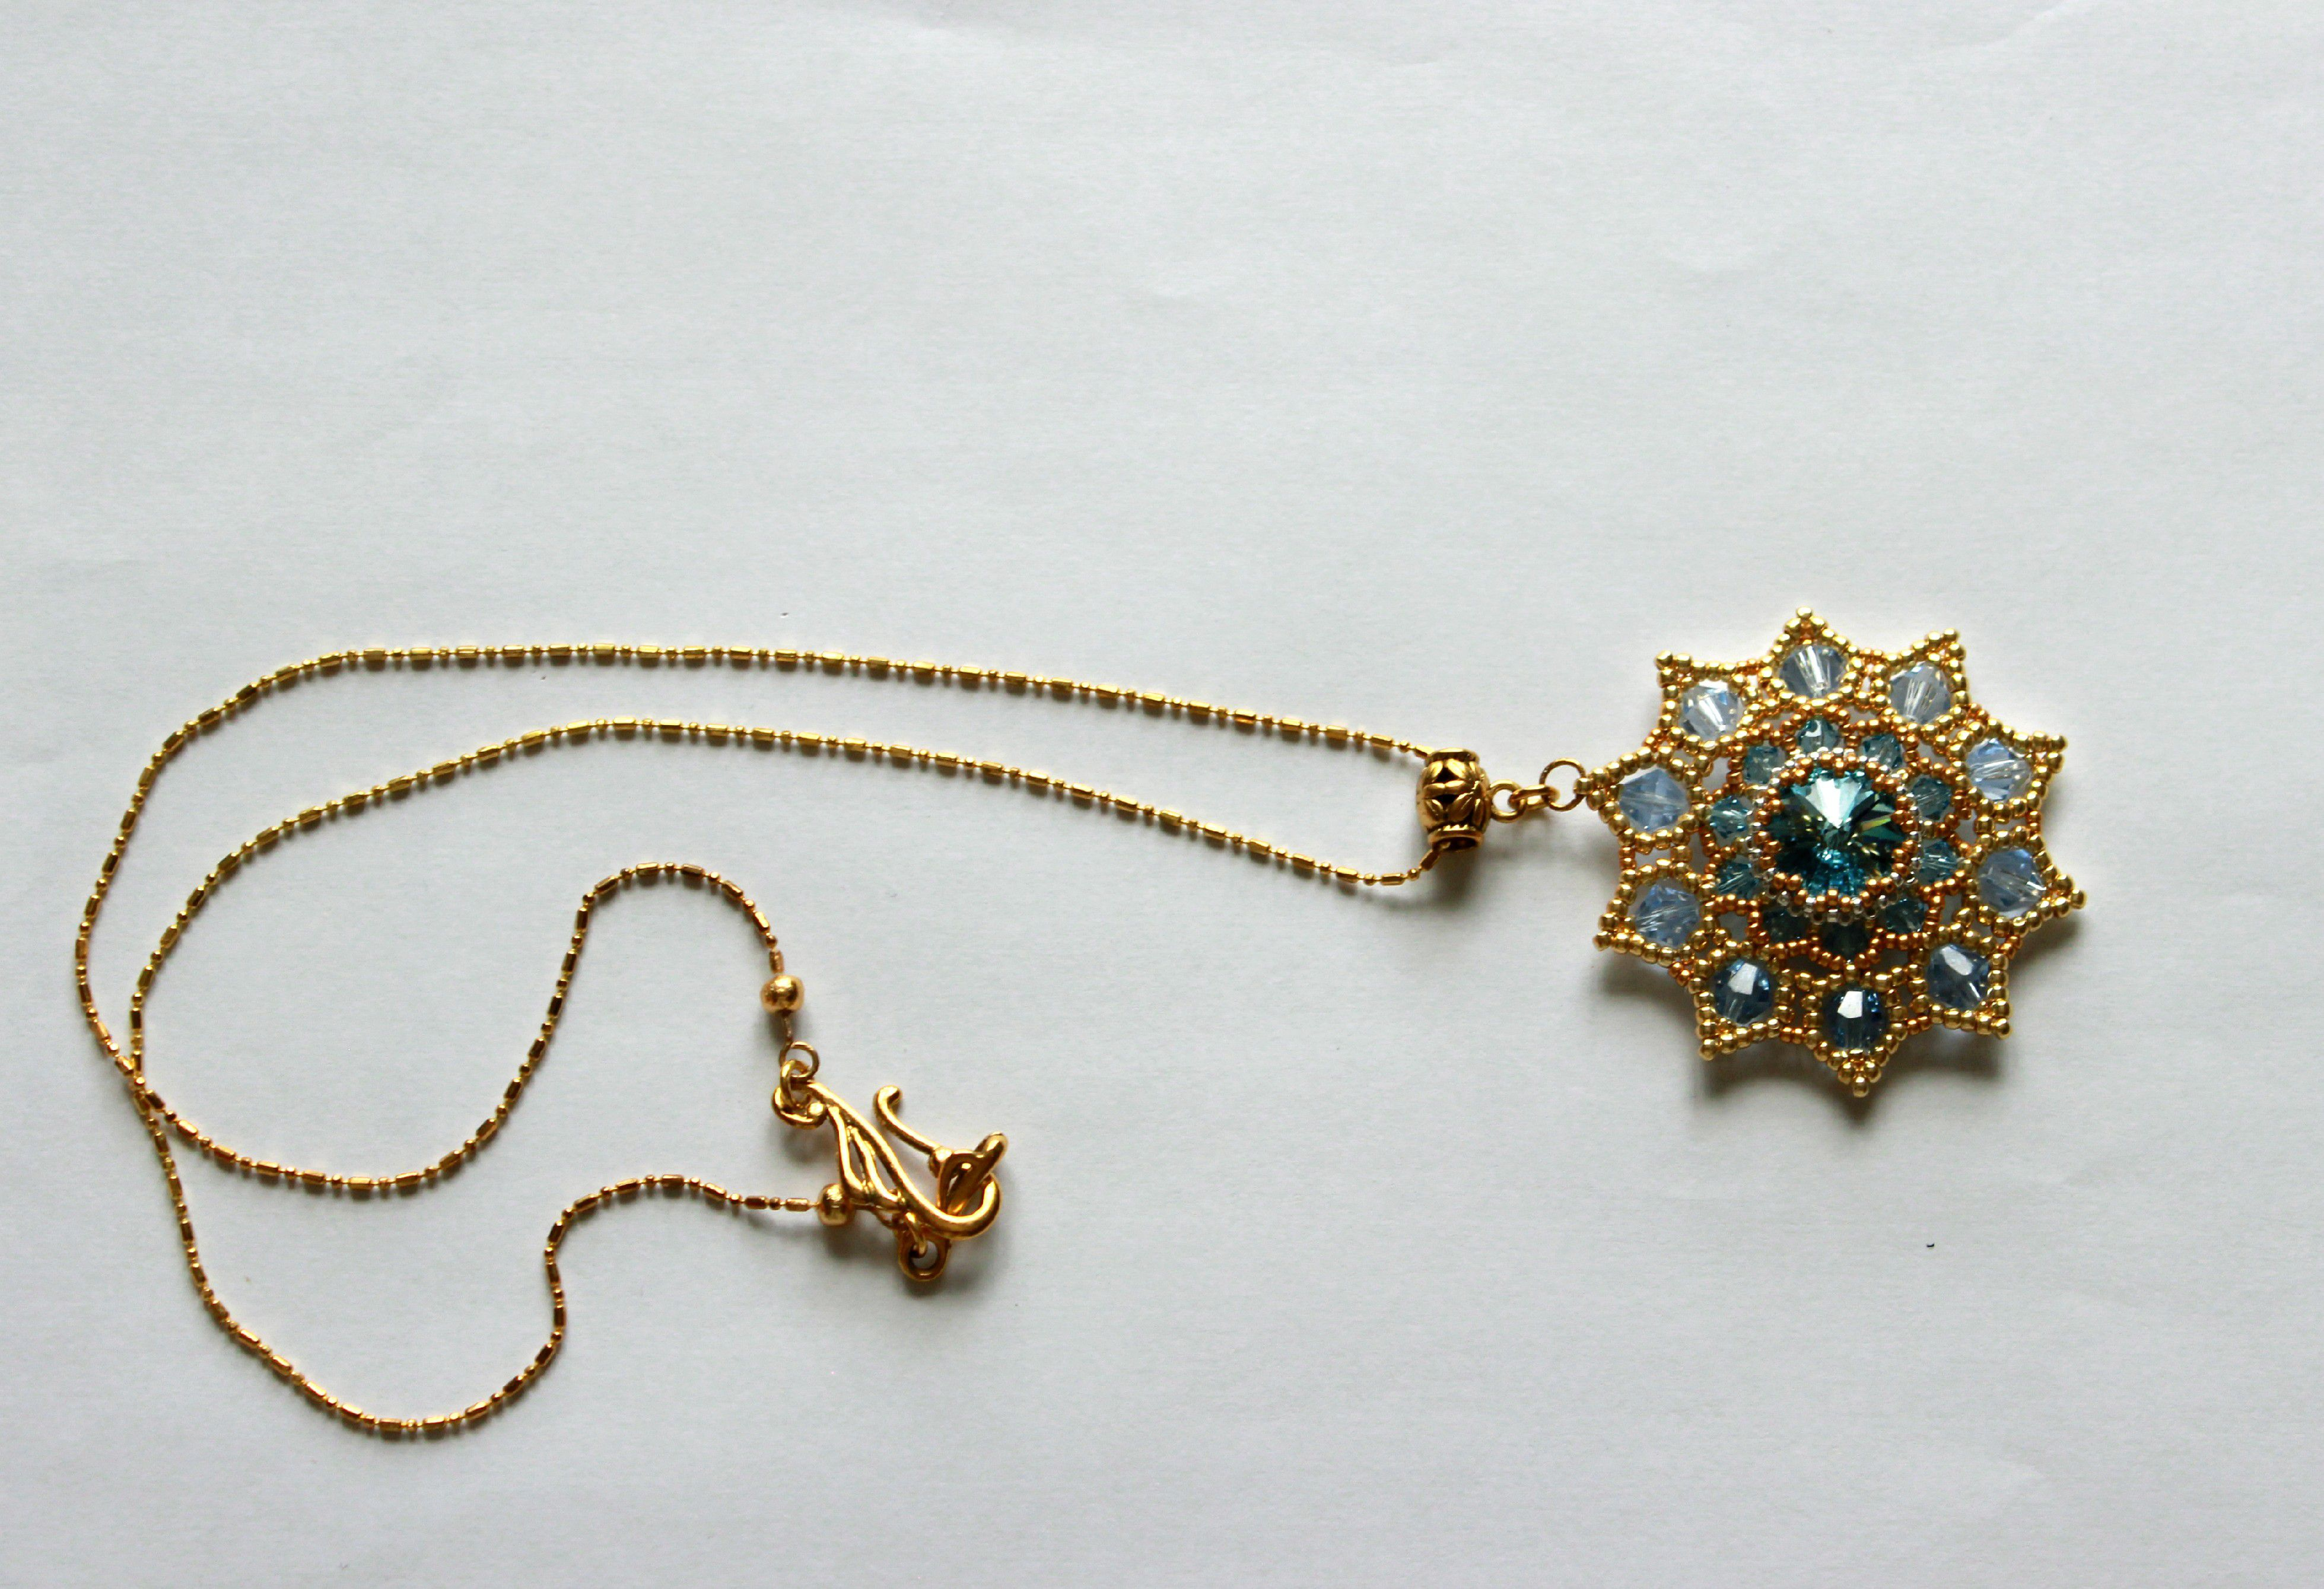 синий бисер кулон звезда сваровски золотой бусины голубой прозрачный кристалл украшения подвеска бижутерия